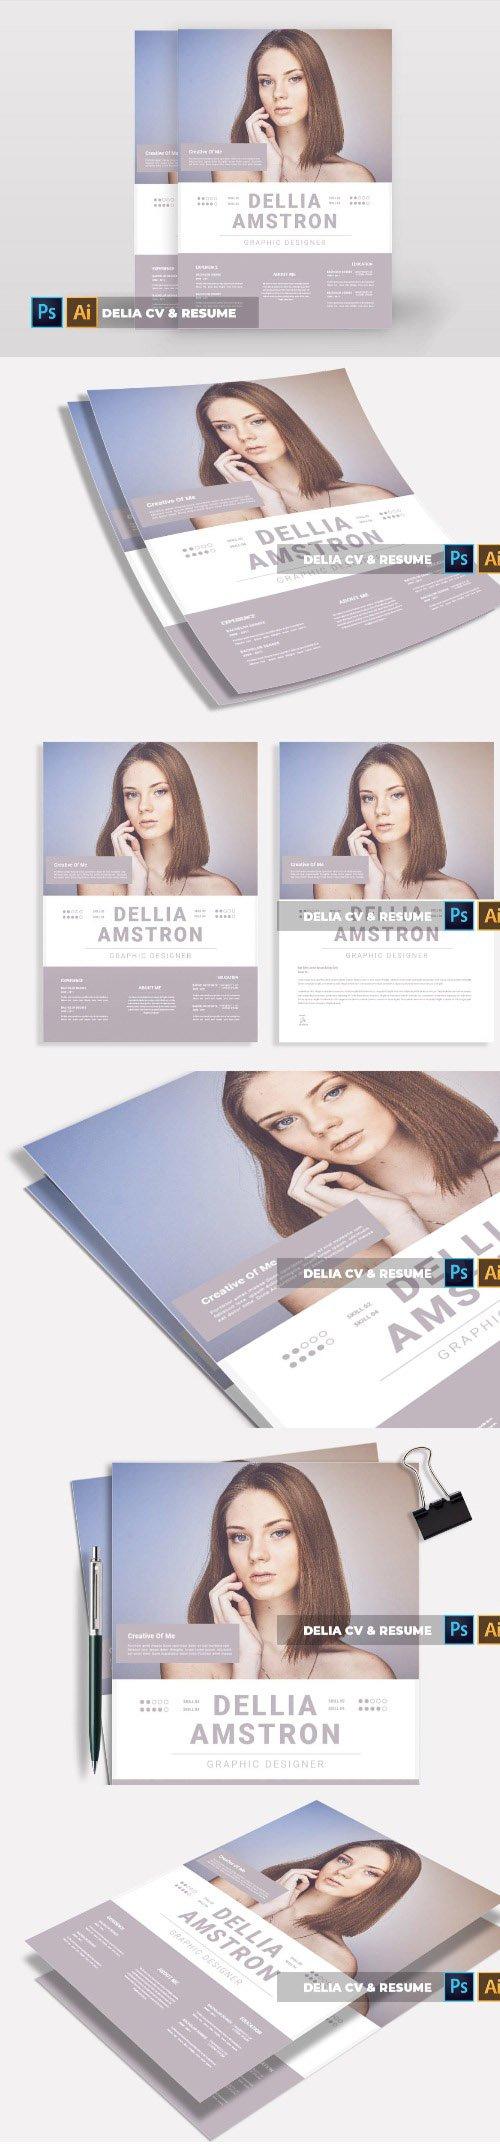 Delia | CV & Resume